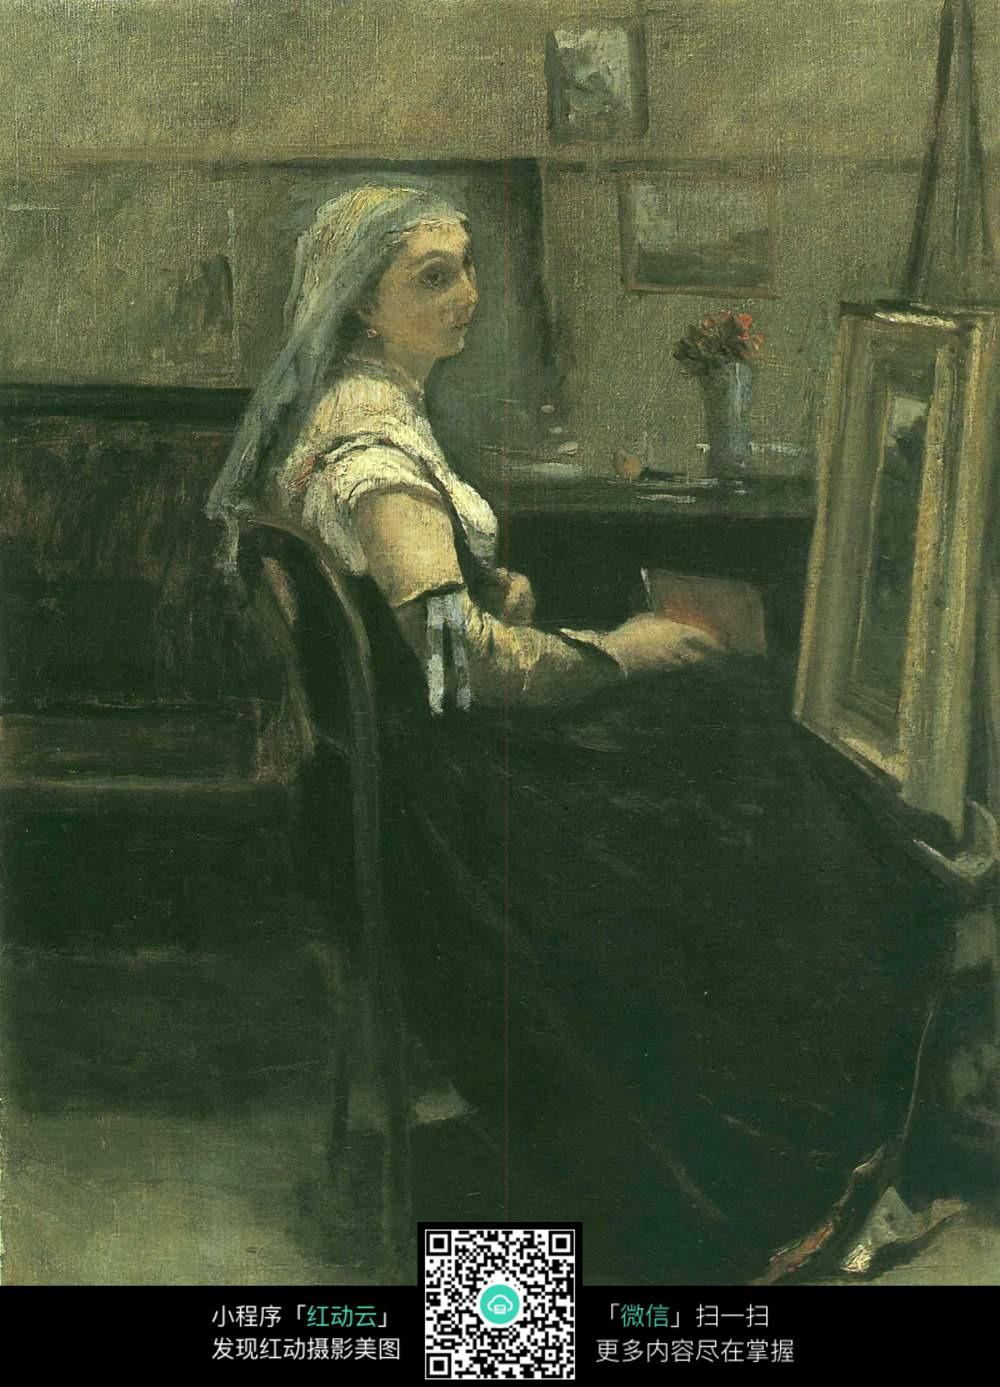 坐在椅子上的人油画